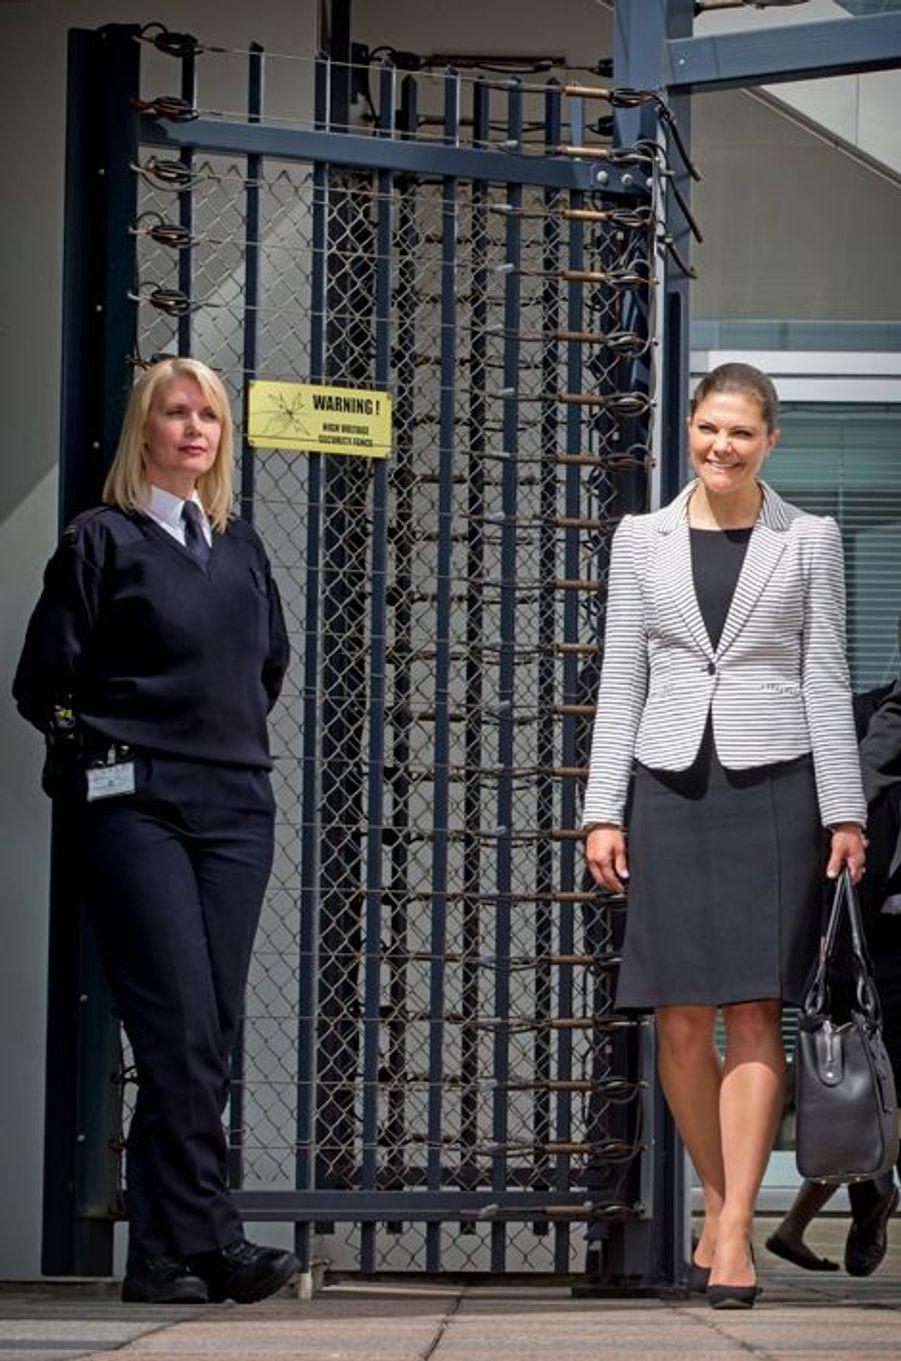 La princesse Victoria de Suède à la Cour pénale internationale à La Haye, le 22 avril 2015